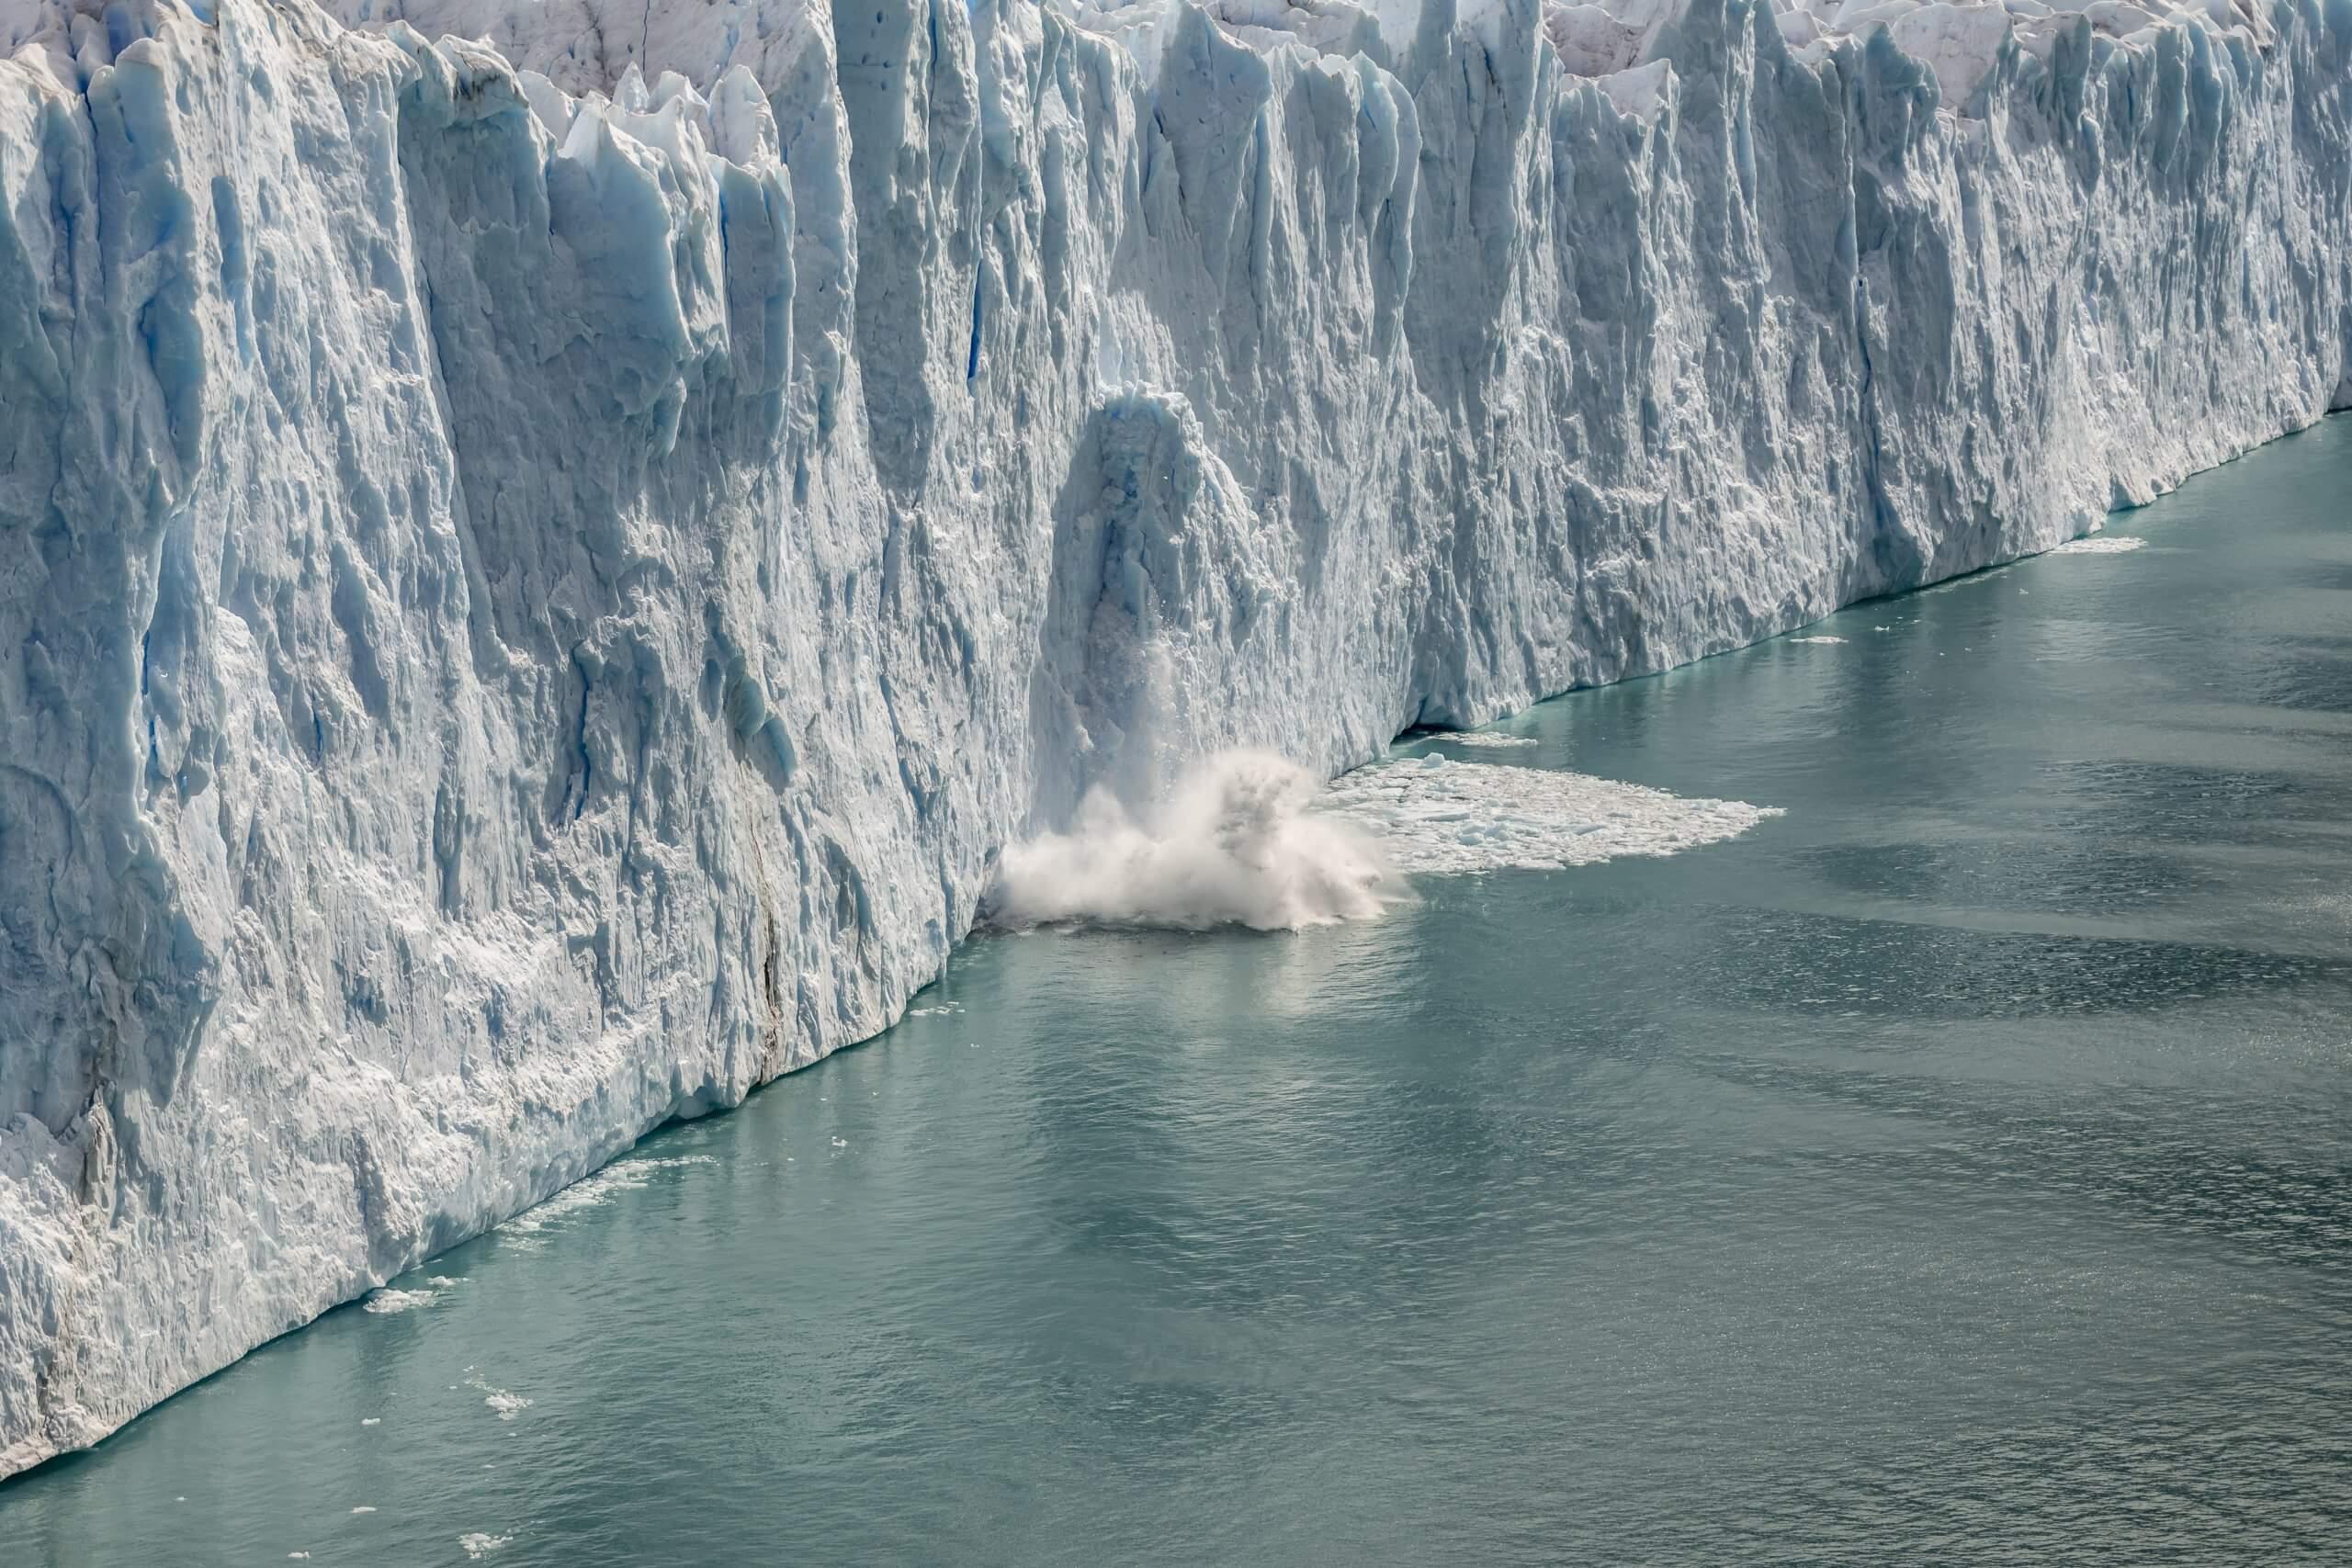 alle paar Minuten lösen sich Eisbrocken und stürzen in die Lagune